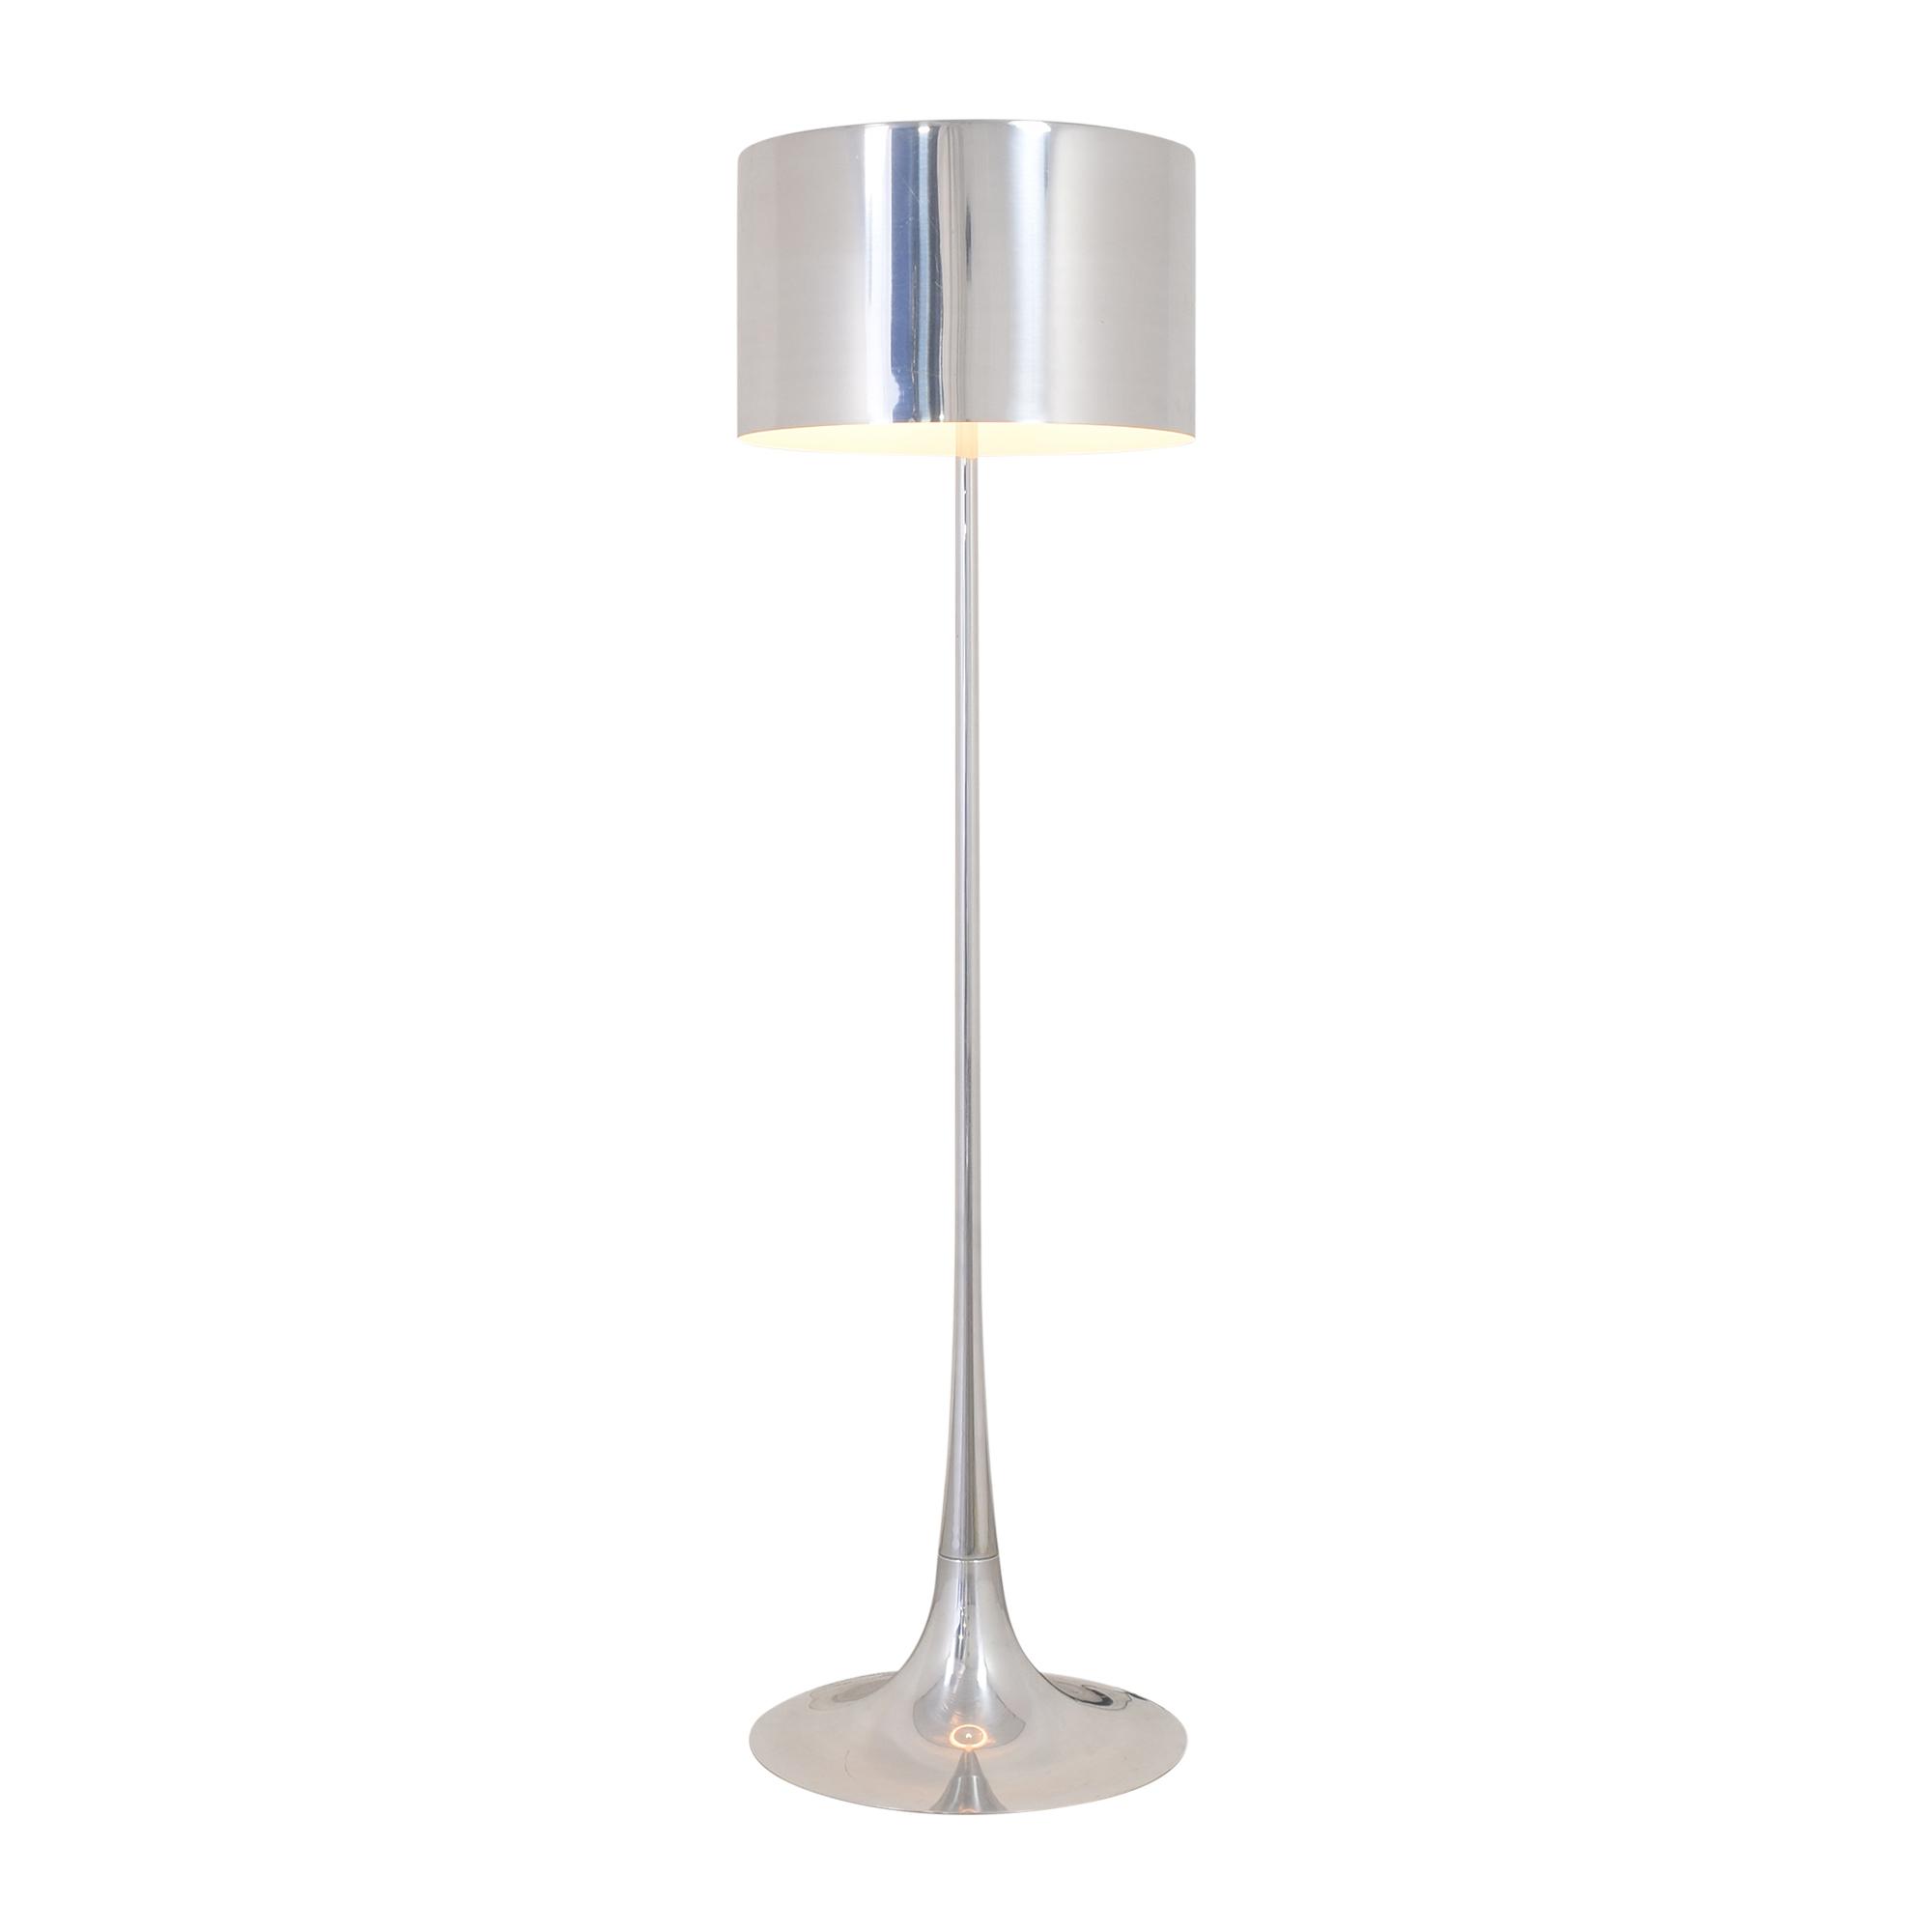 FLOS FLOS Spun Floor Lamp silver